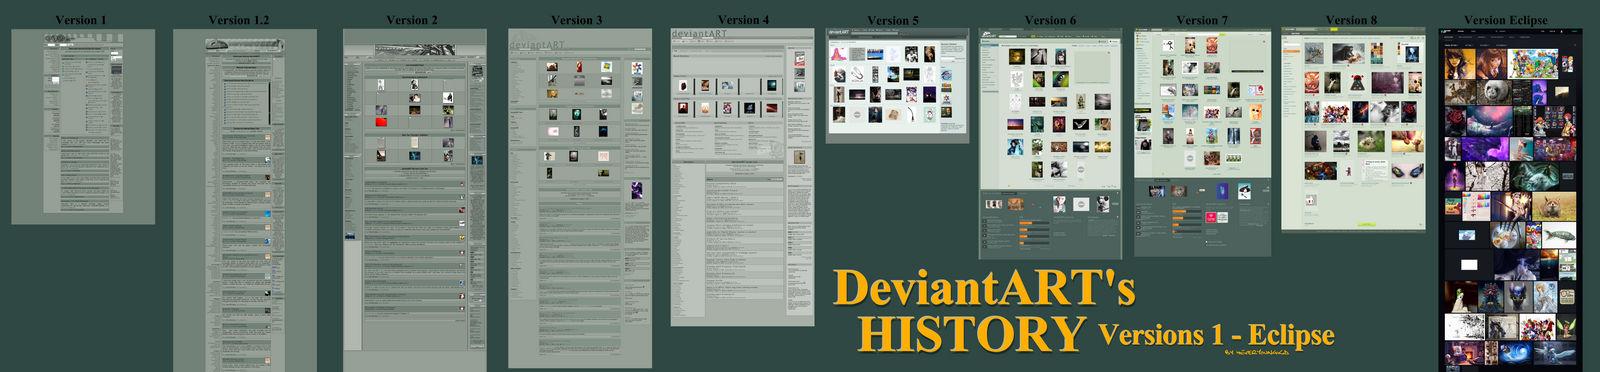 DeviantART's History.